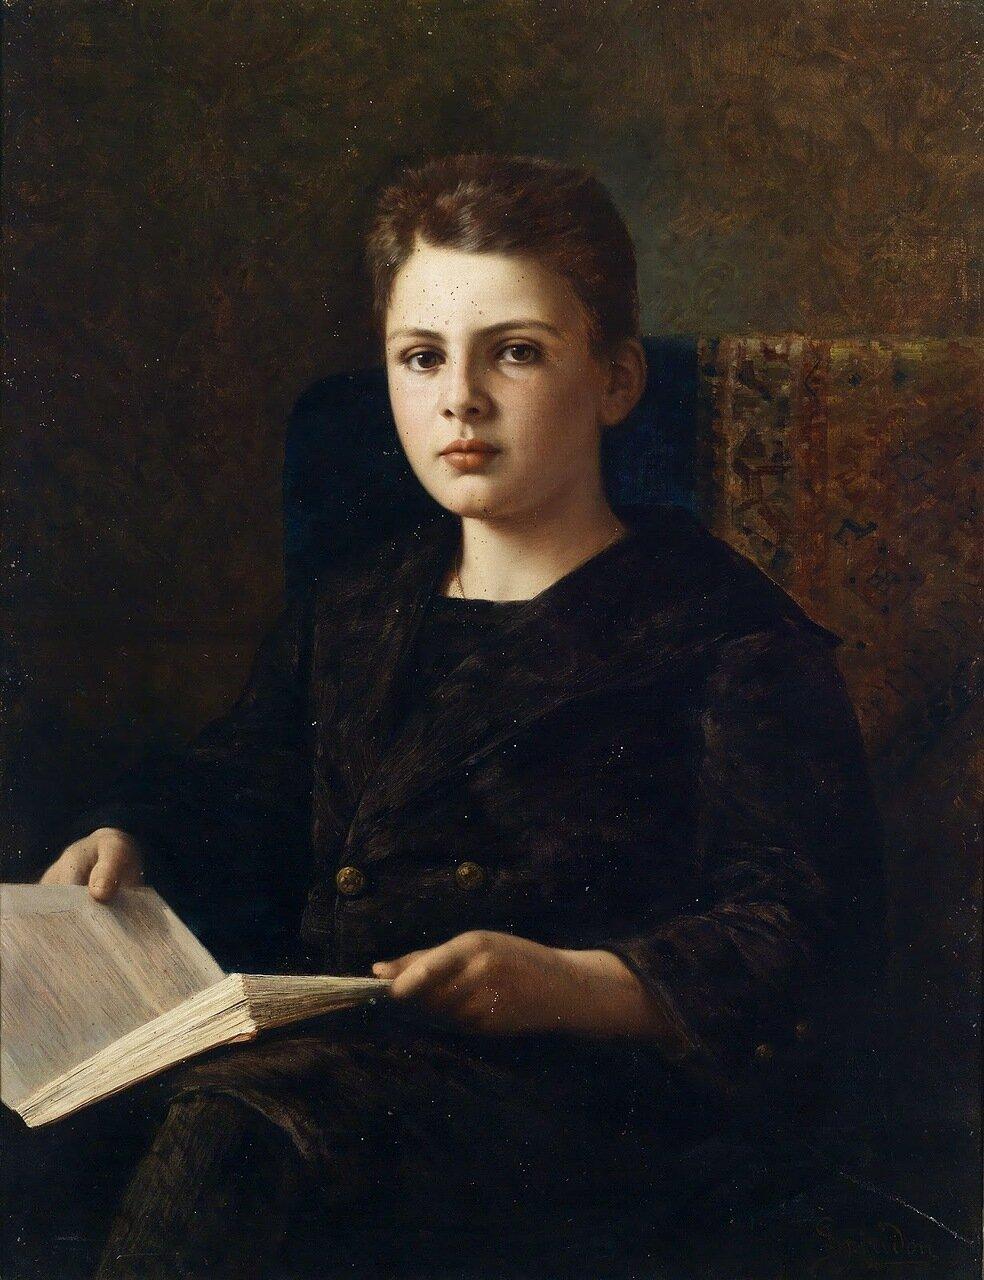 Портрет Оскара фон Френкеля с книгой в руках_1898_88 x 64_х.,м._Частное собрание